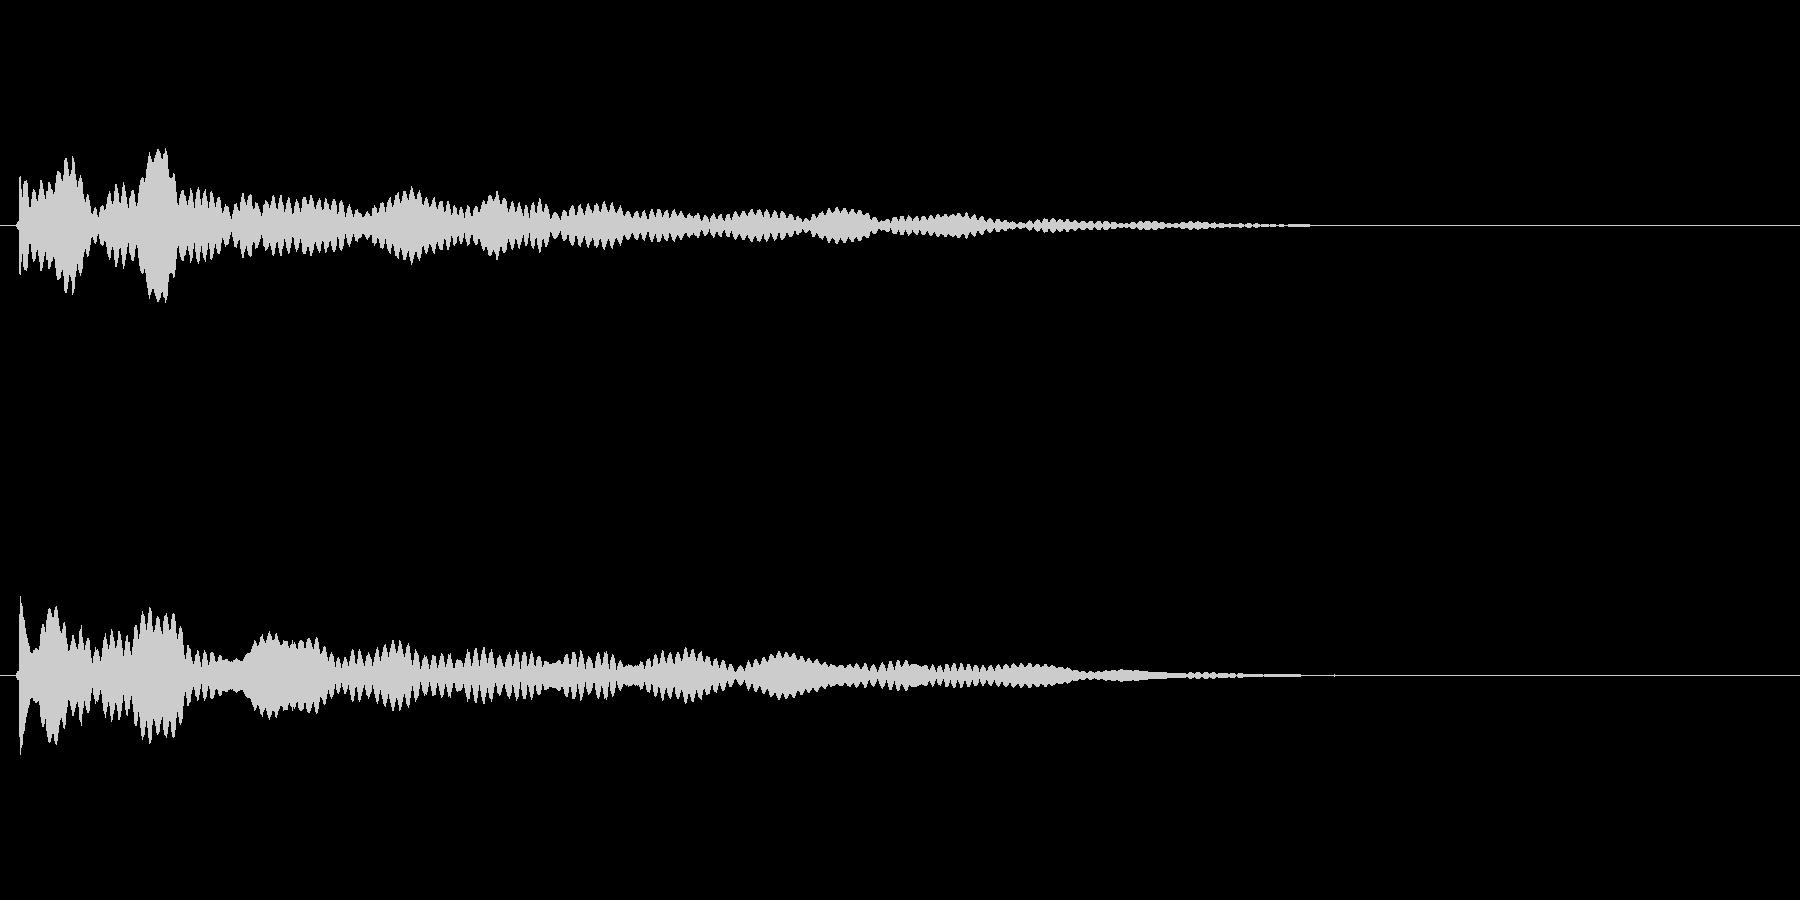 キラキラ系_103の未再生の波形